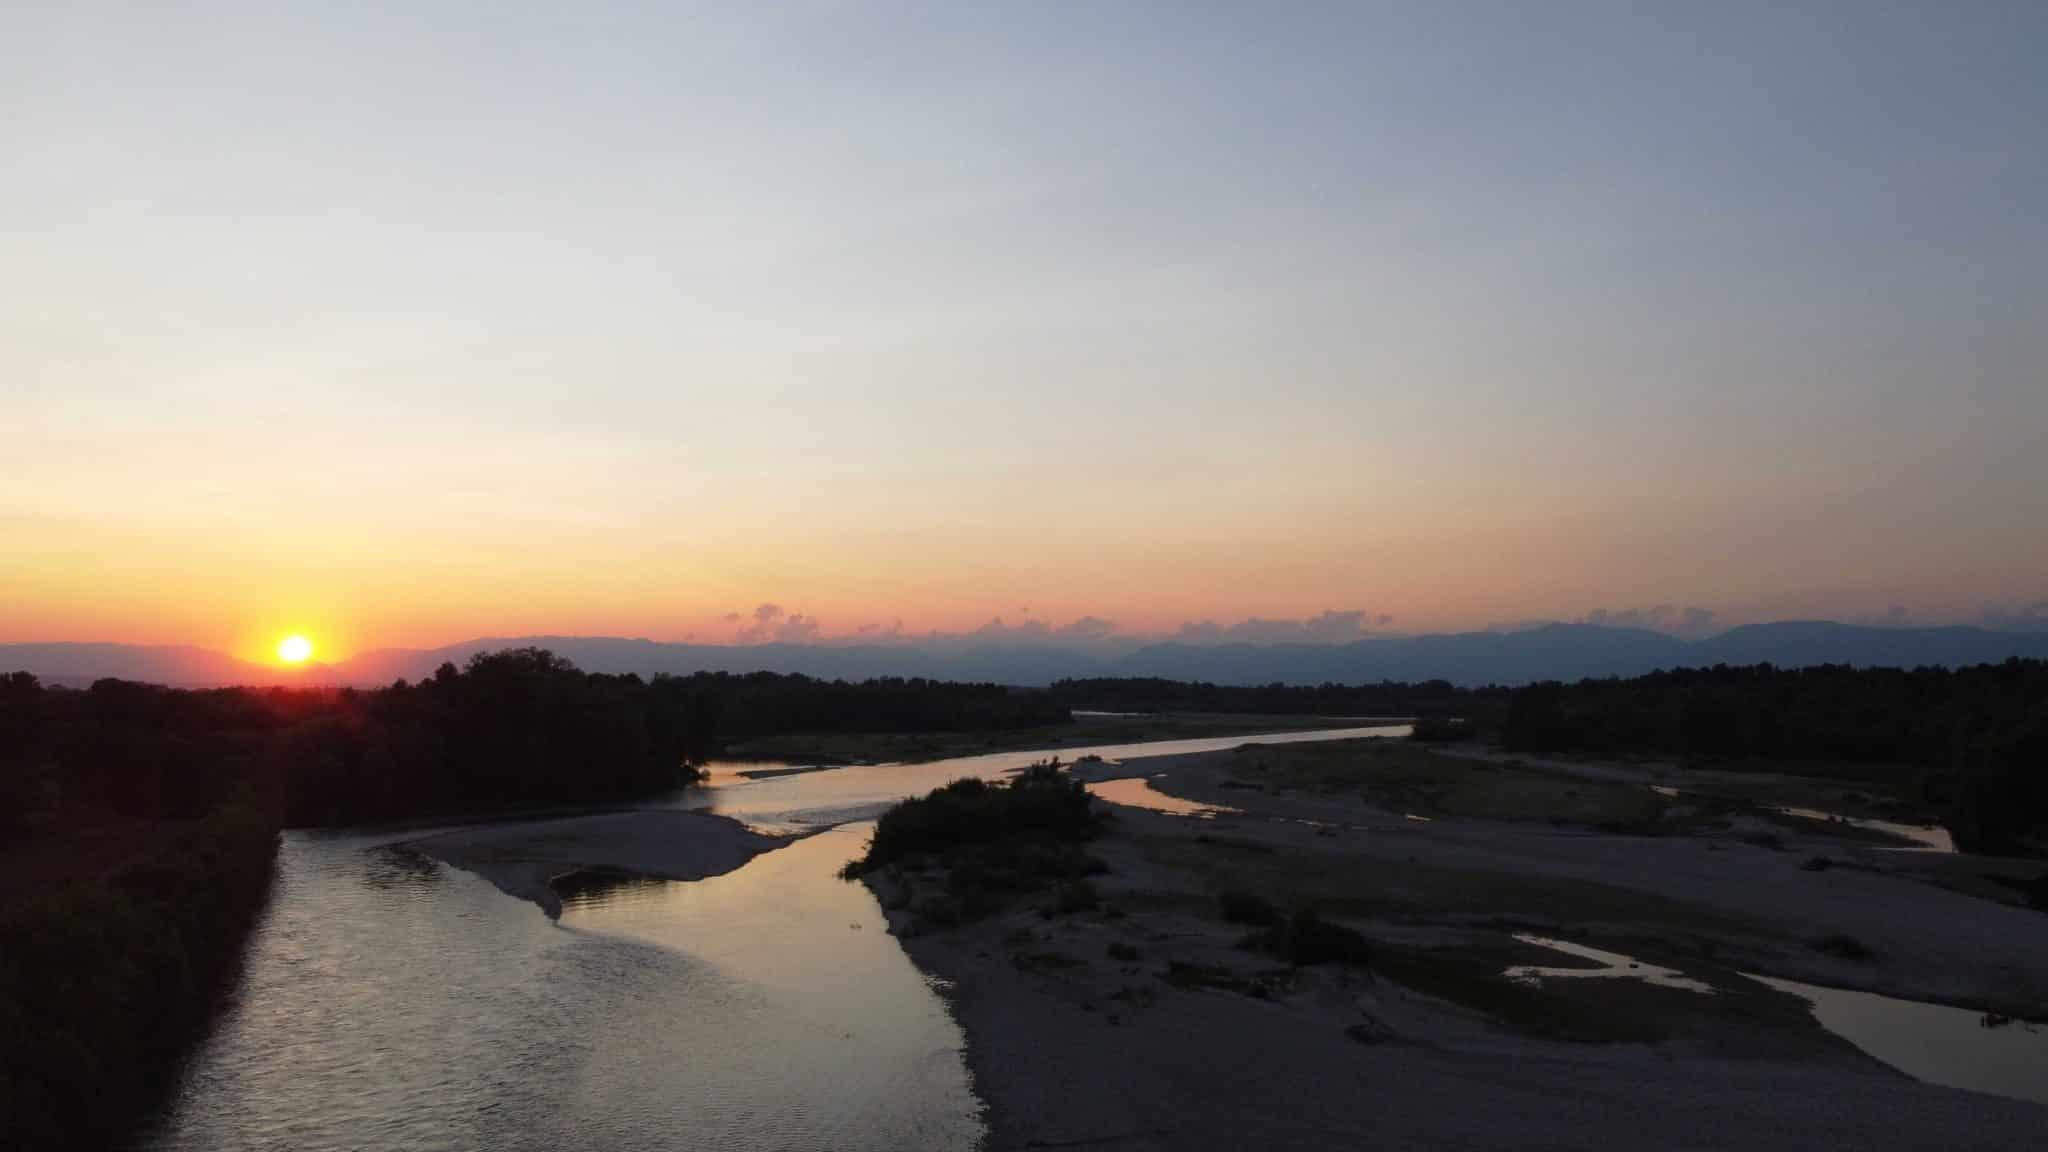 Veduta del Piave al tramonto a Saletto di Breda di Piave, provincia di Treviso (TV)